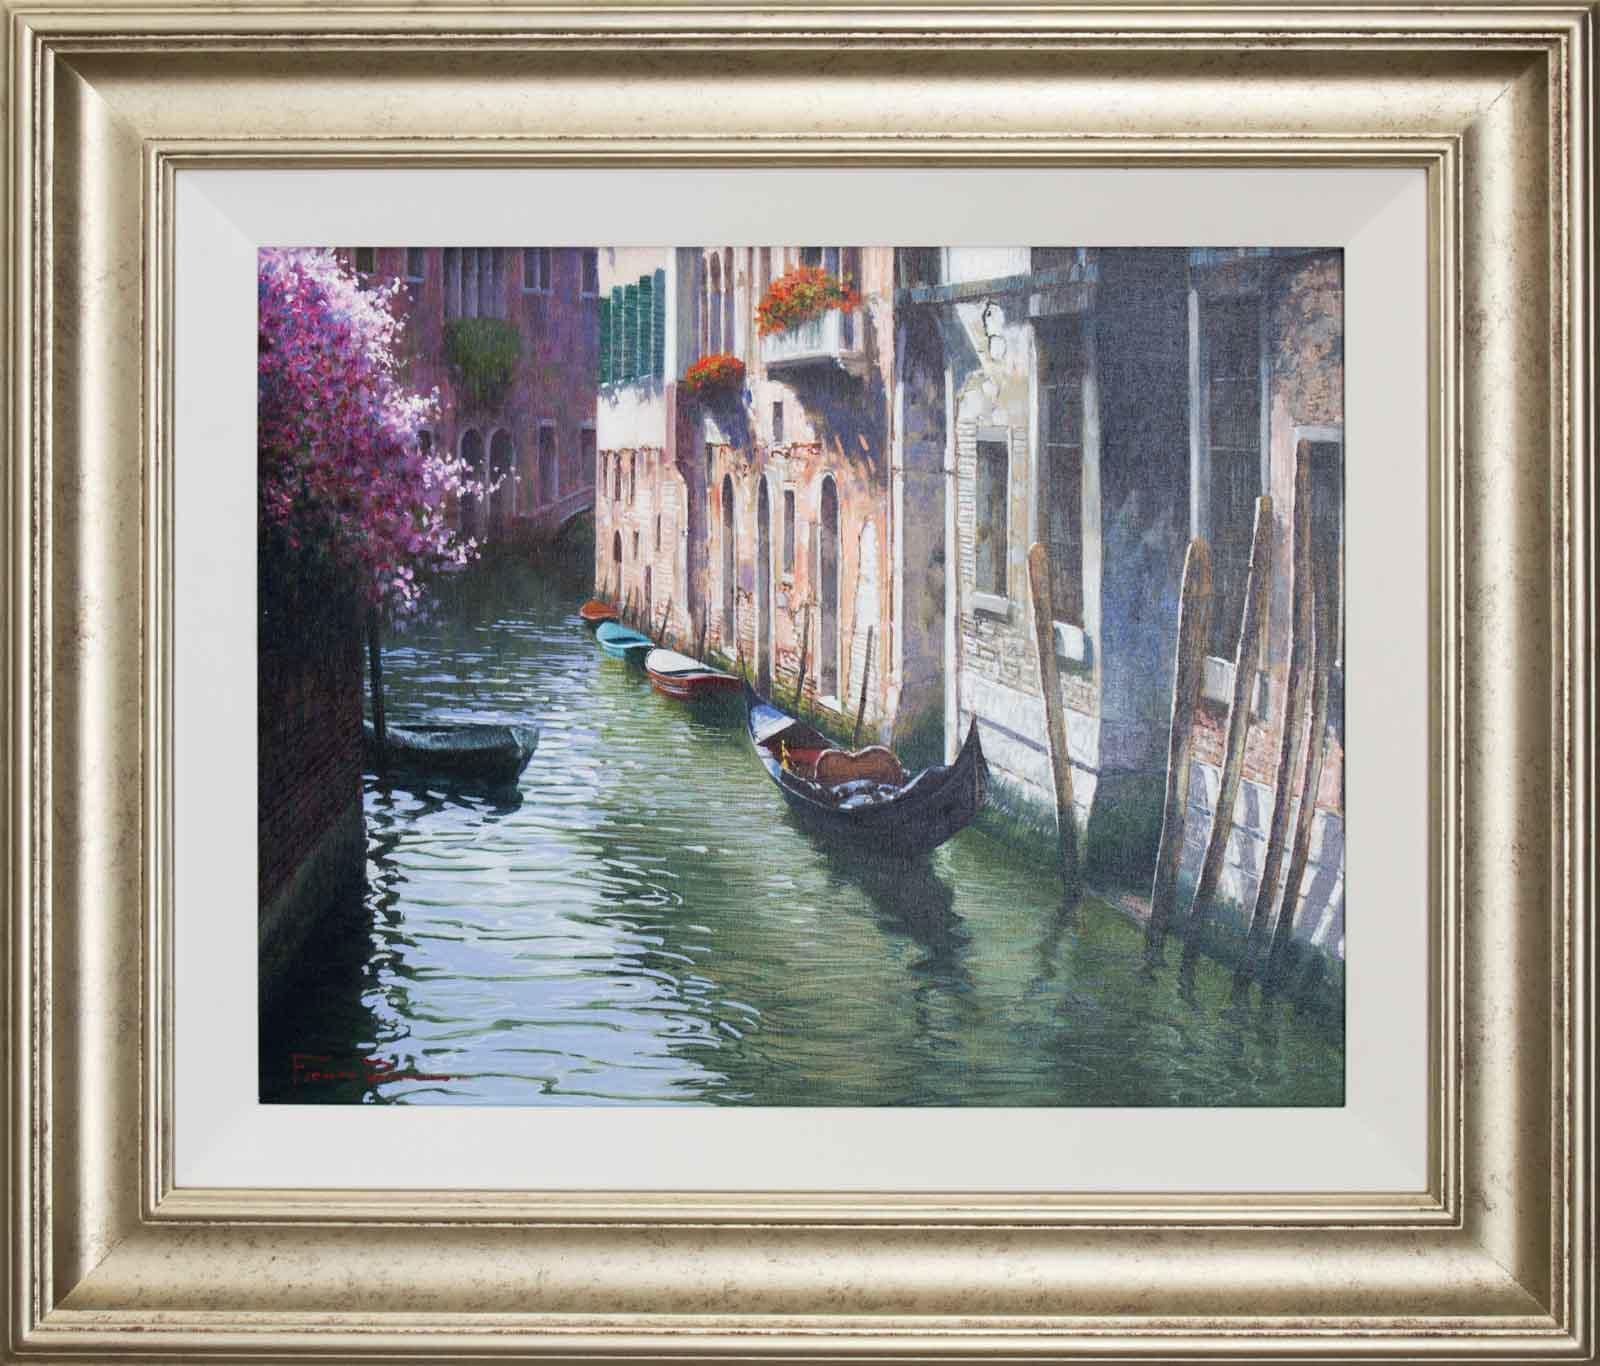 Venetian Canal II, Raffaele Fiore